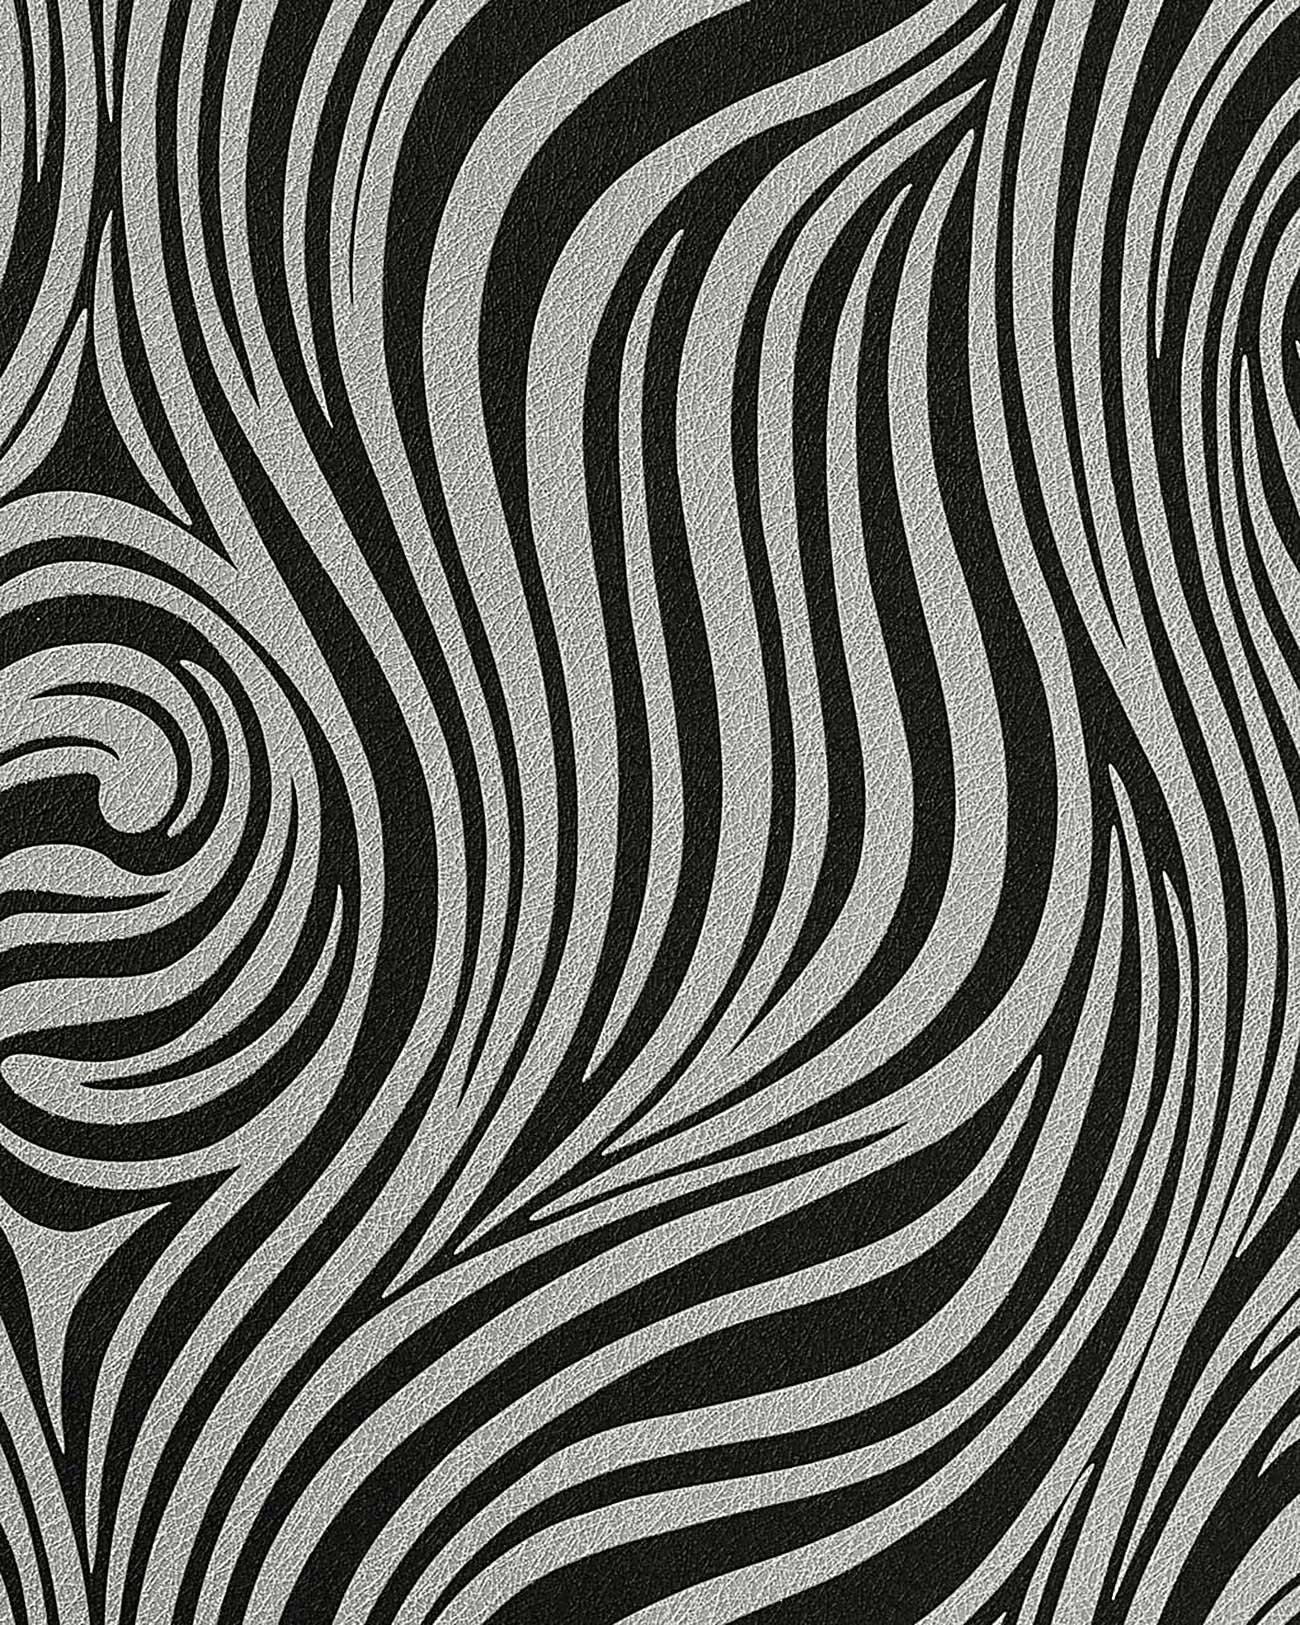 grafik tapete edem 1016 16 zebra streifen tapete struktur muster hochwaschbar schwarz anthrazit. Black Bedroom Furniture Sets. Home Design Ideas